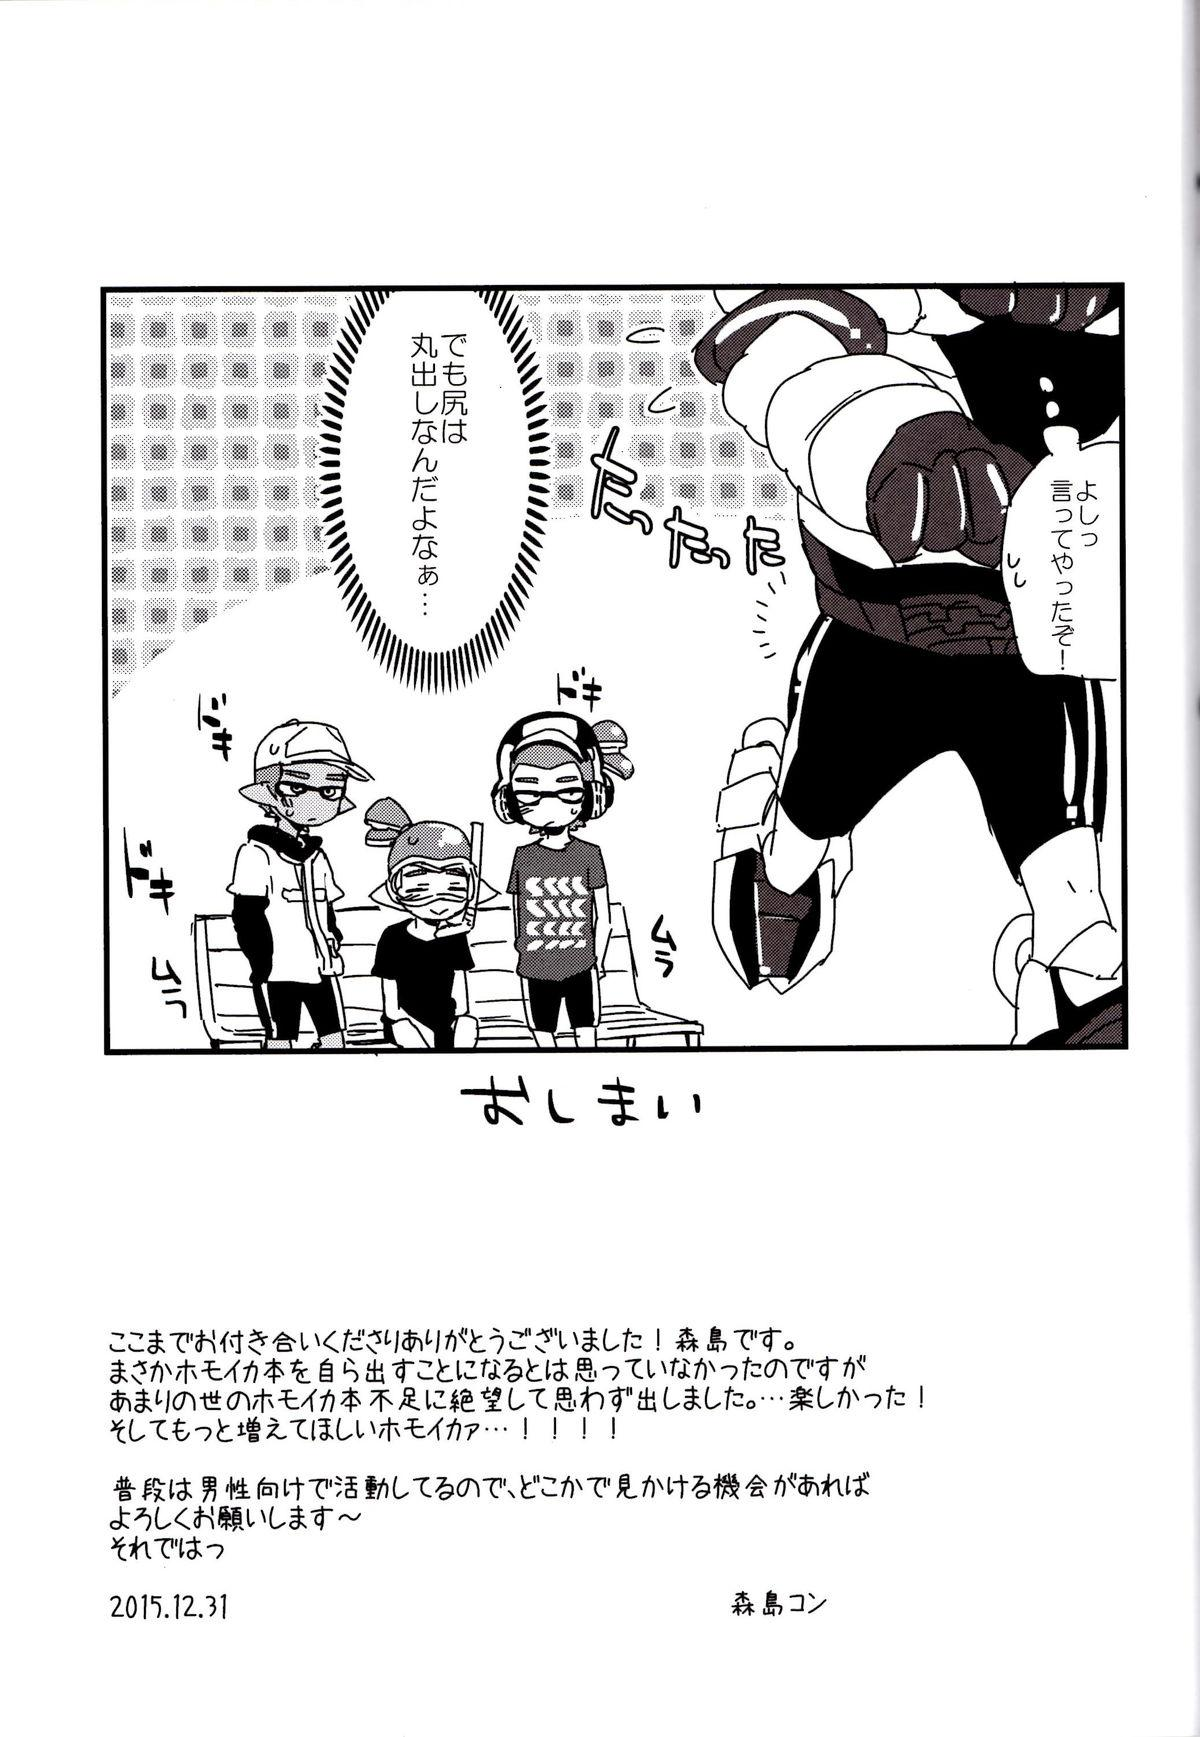 Buki no Seinou to Are no Seinou wa Onaji rashii 23